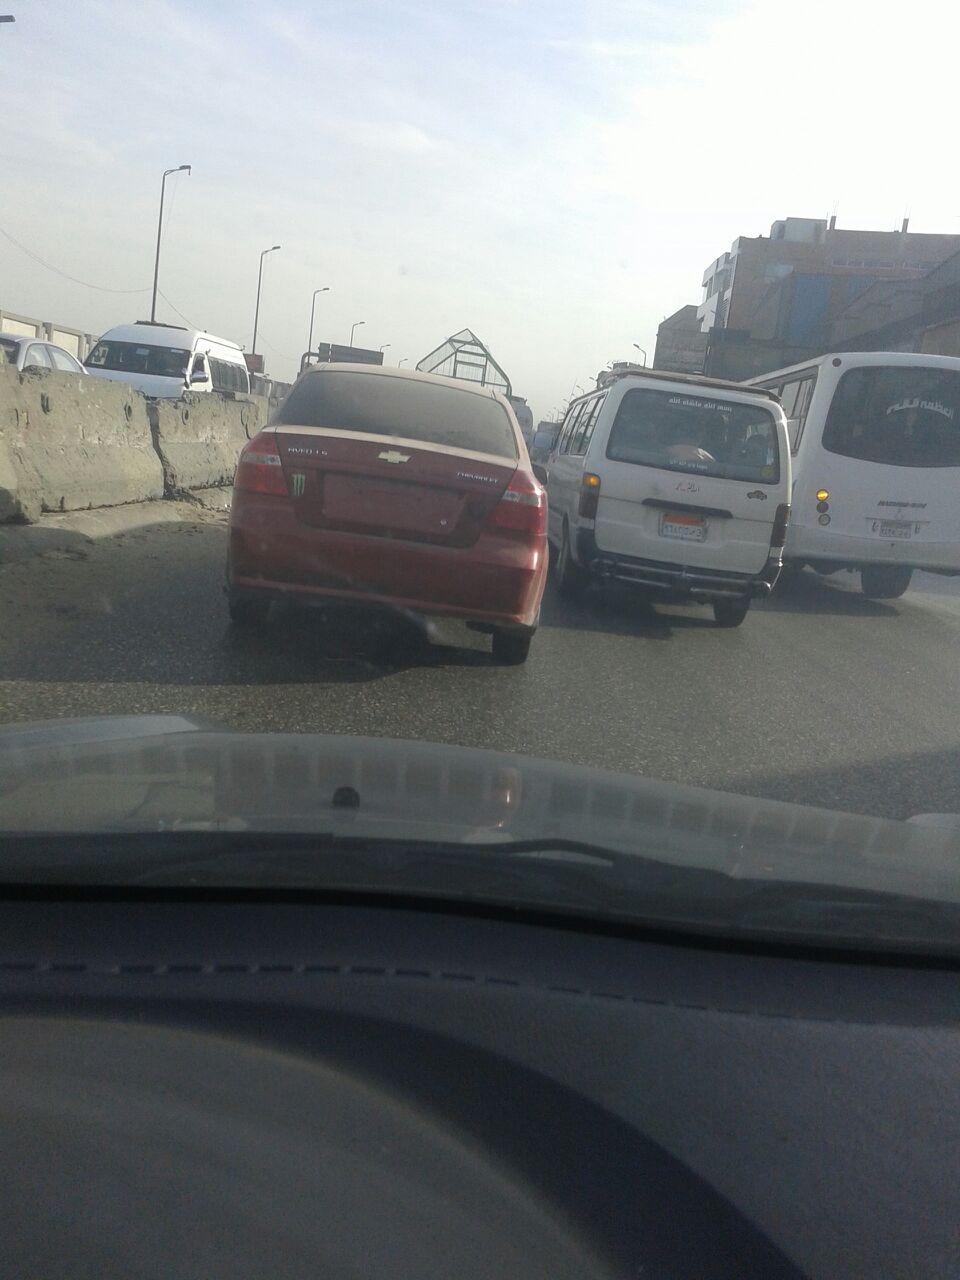 سيارة دون لوحات معدنية وزجاج فاميه على قليوب ـ القاهرة الزراعي